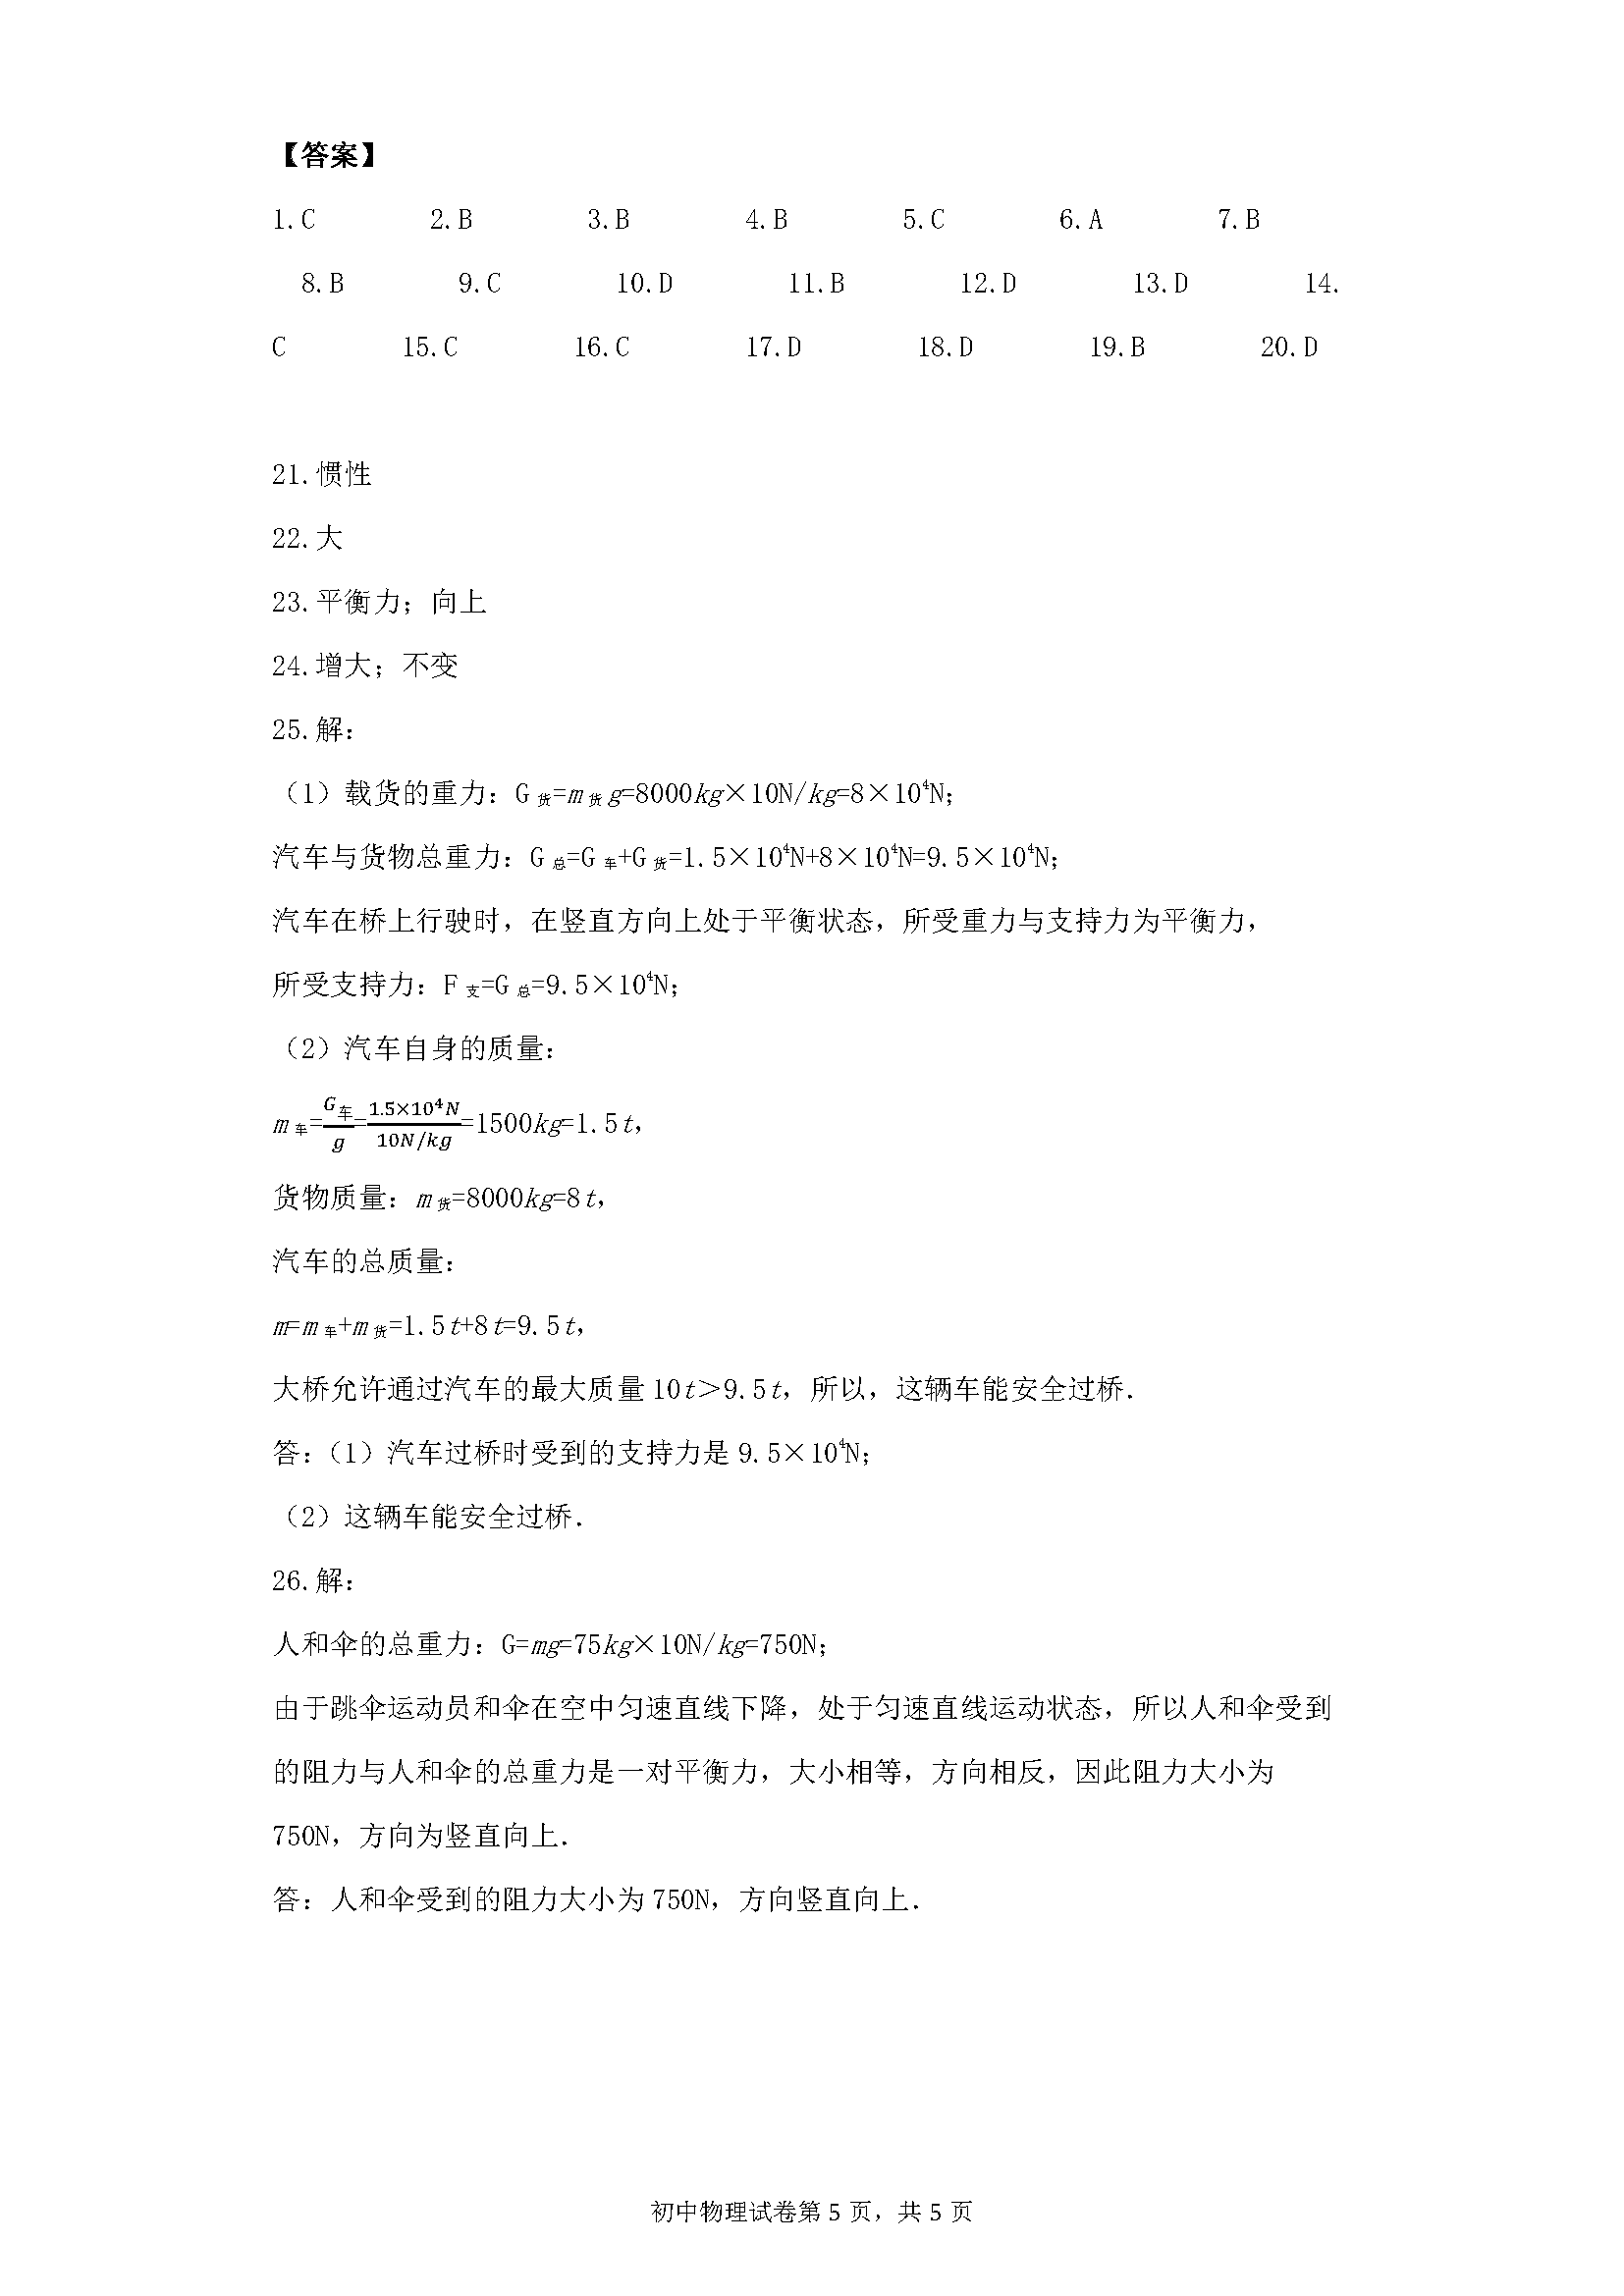 2017广东湛江大成中学初二下第一次月考物理试题答案(图片版)